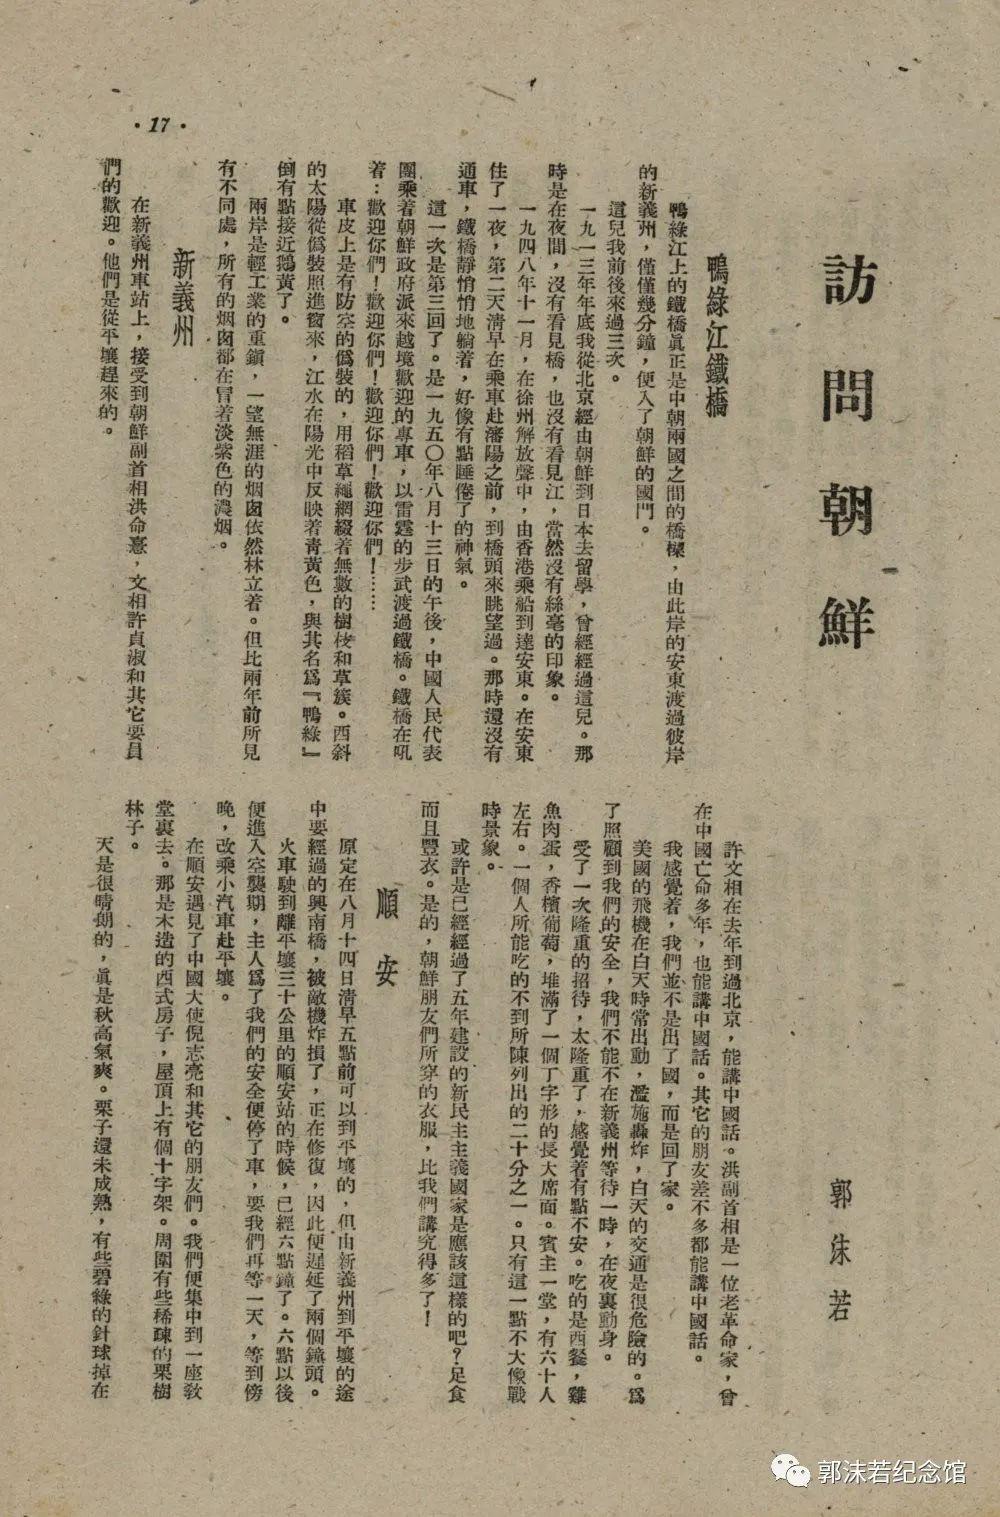 读图:抗美援朝运动中的郭沫若